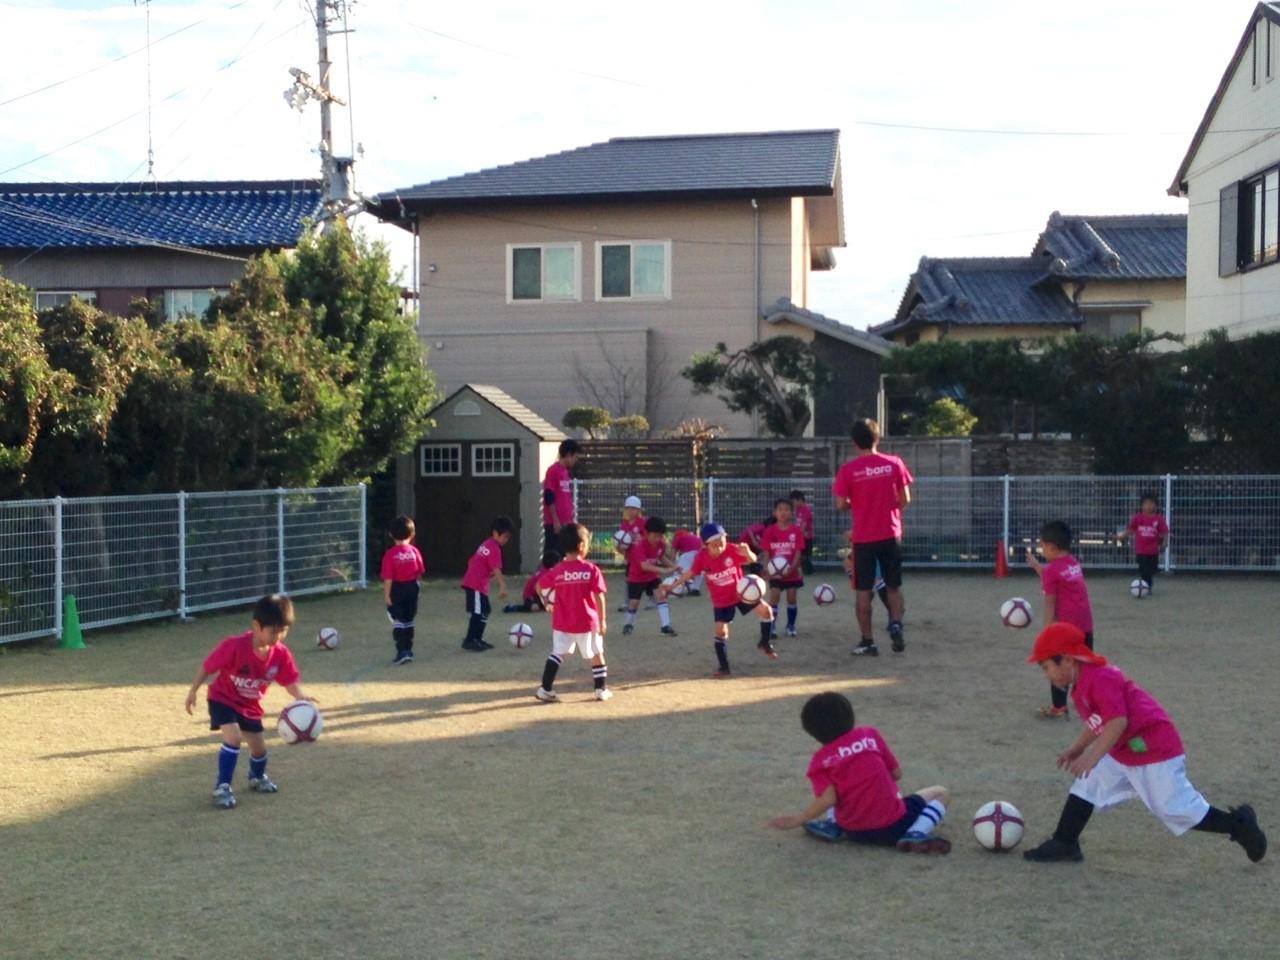 2015-11-10_303.jpg